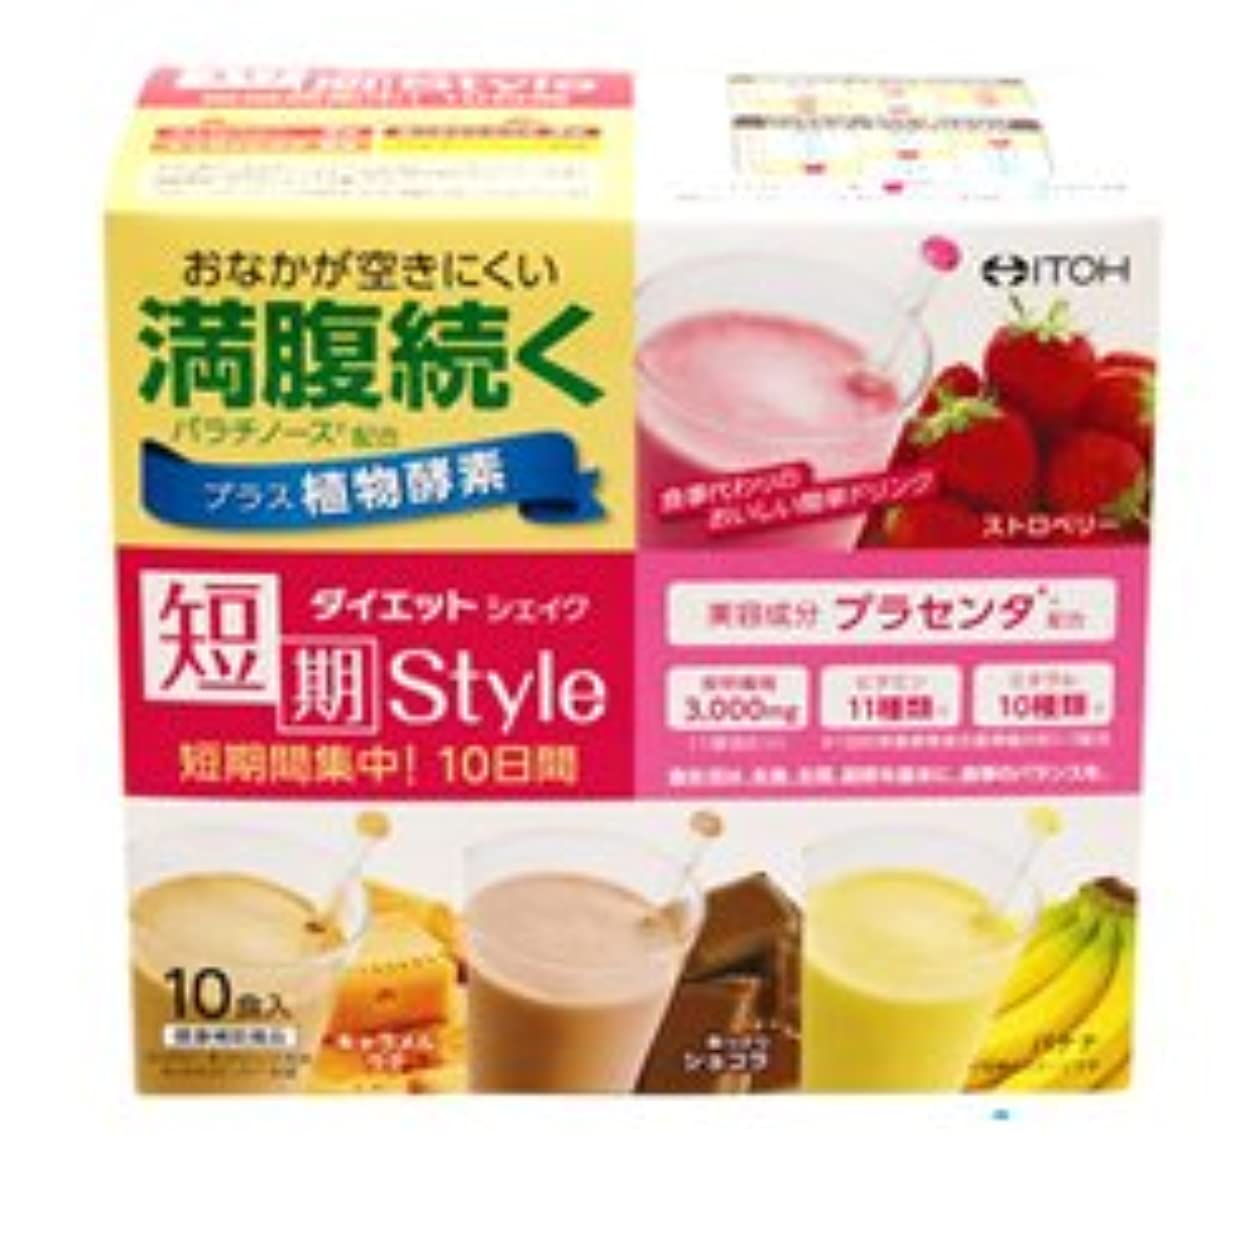 ただやる桁コロニー【井藤漢方製薬】短期スタイル ダイエットシェイク 10包 ×3個セット